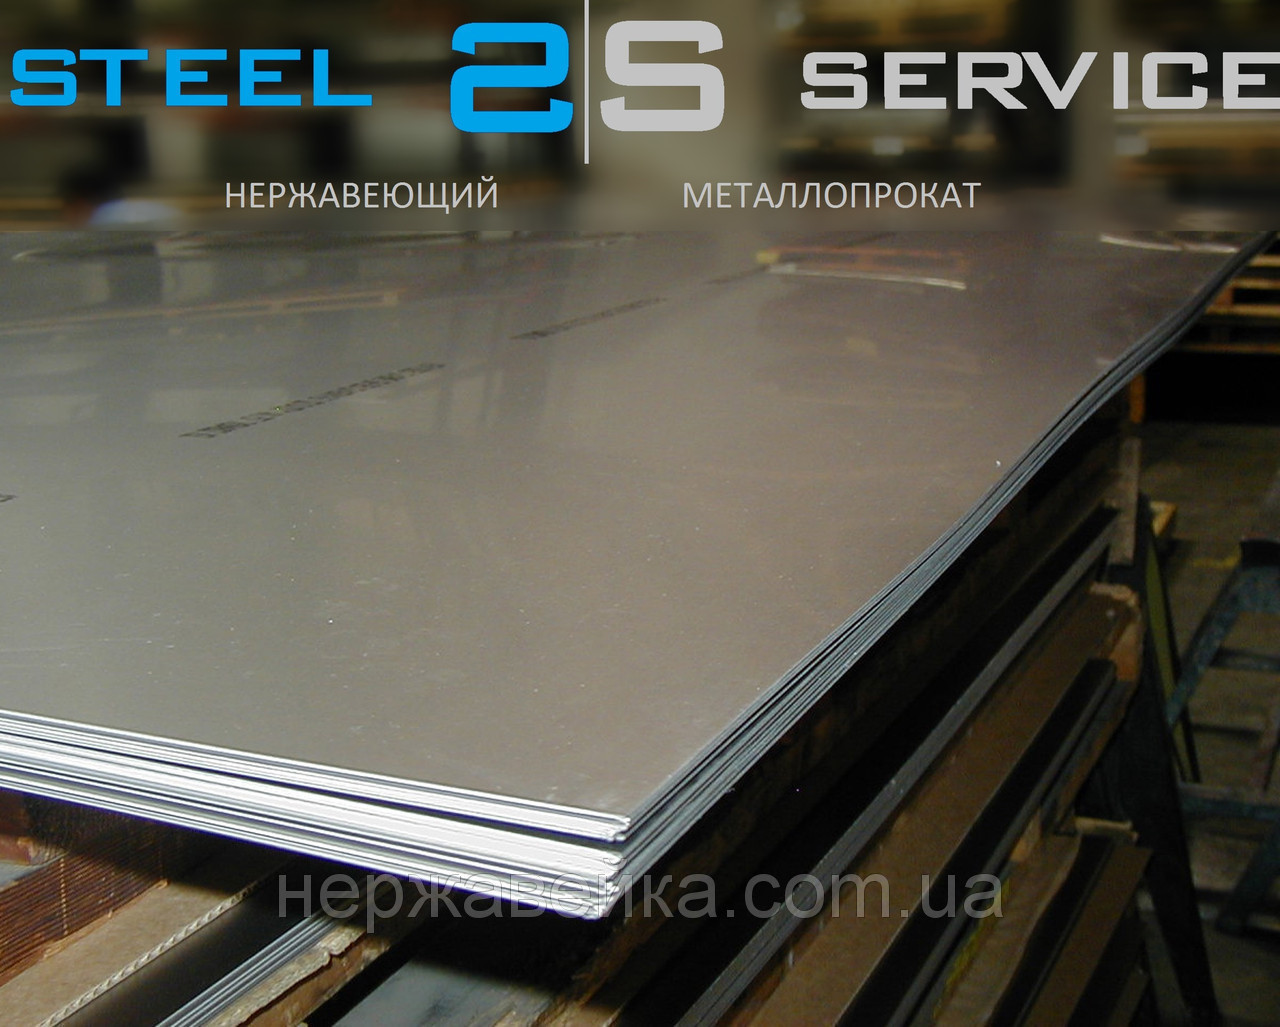 Нержавейка лист 1х1000х2000мм AiSi 201  (12Х15Г9НД) 4N - шлифованный